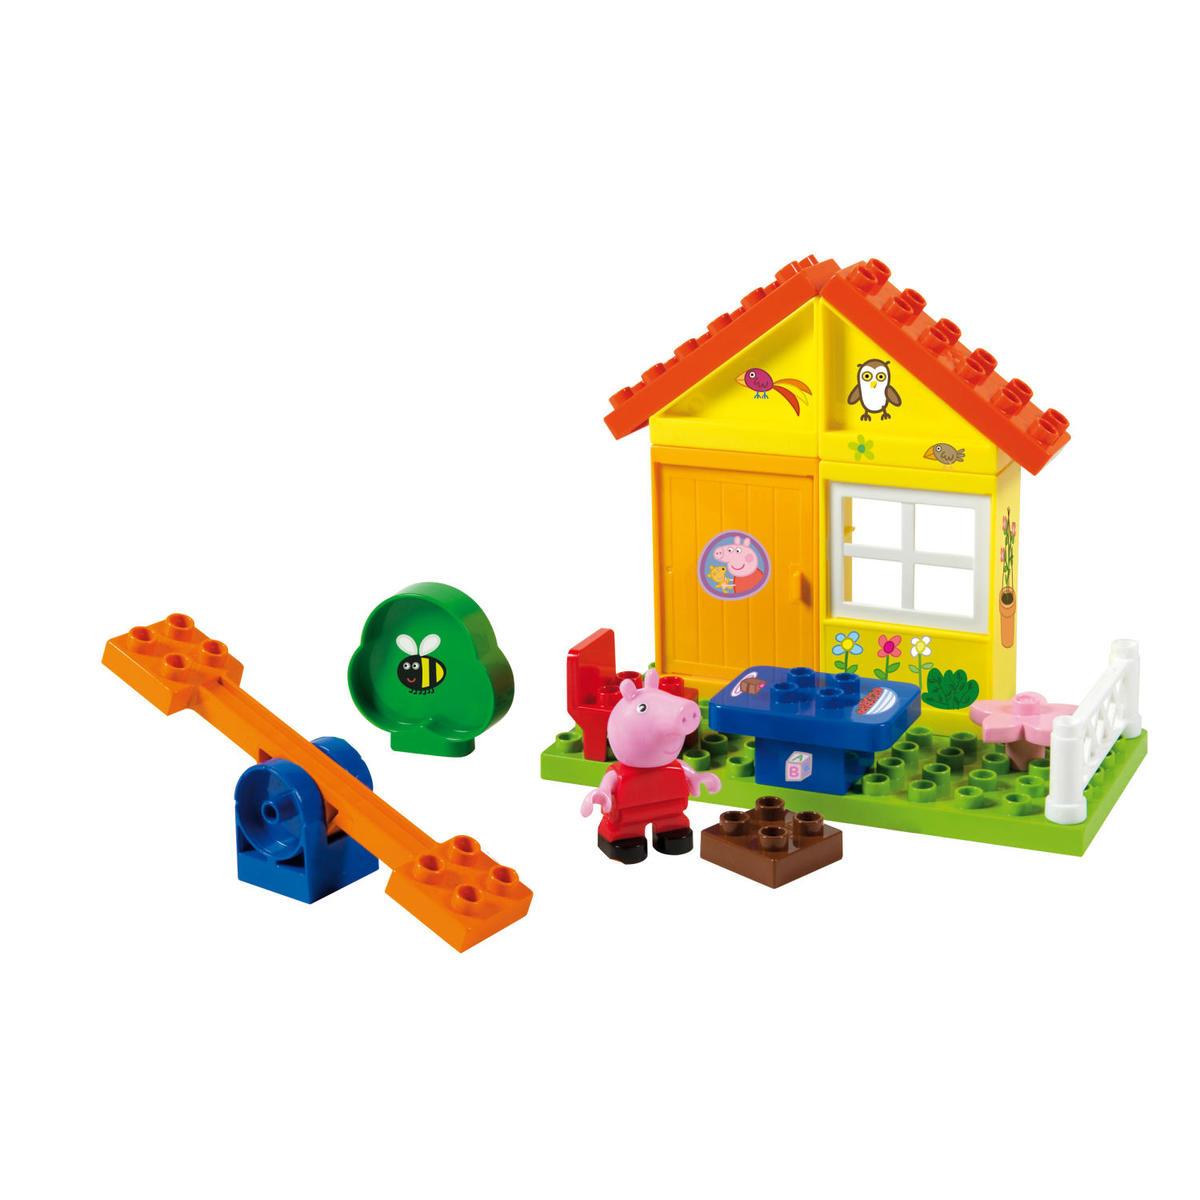 Bild 1 von BIG PlayBIG Bloxx Peppa Garden House, 800057073